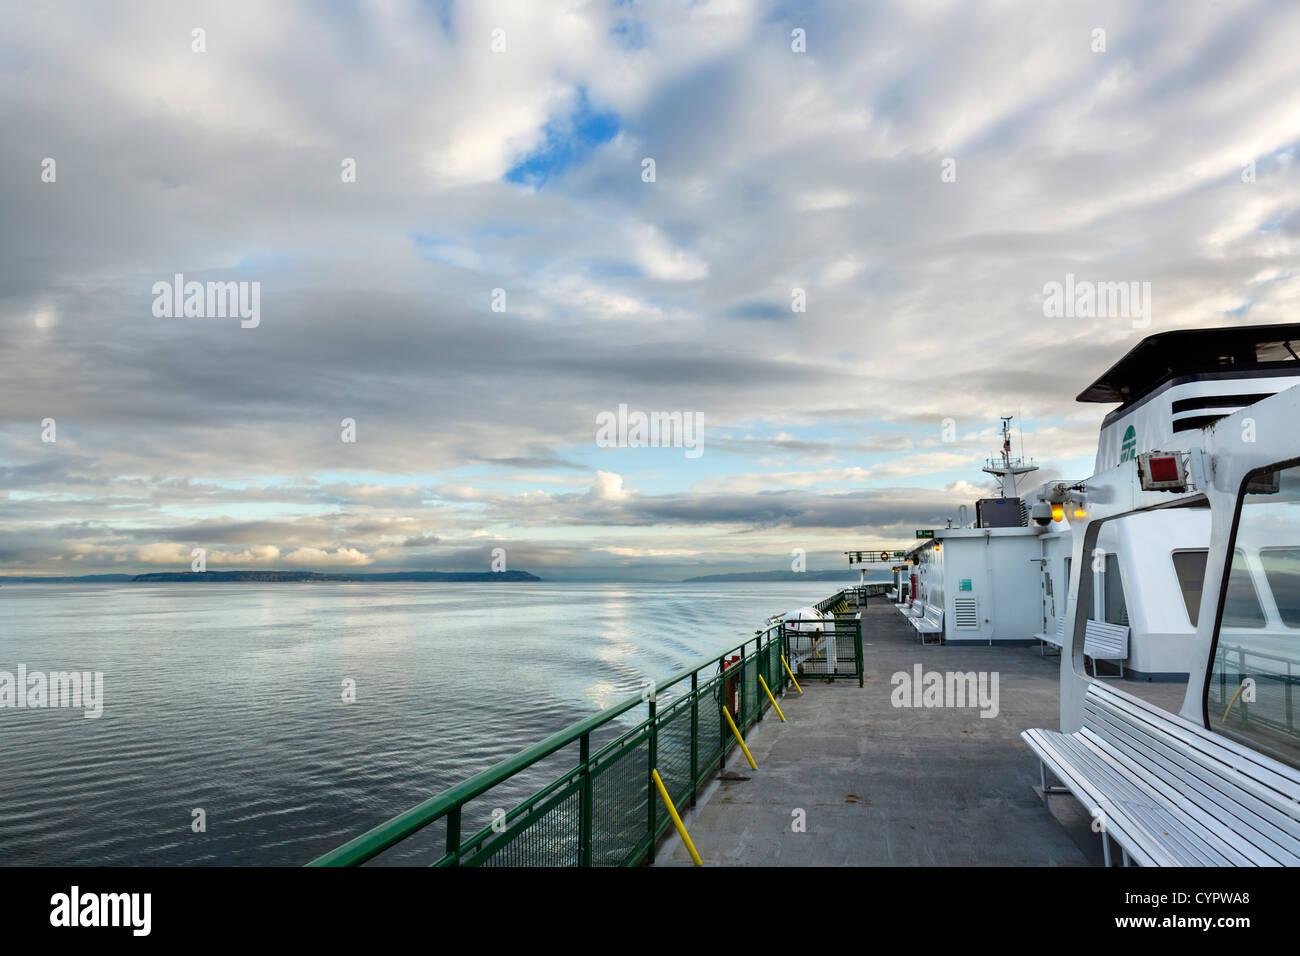 Stato di Washington traghetto sul Puget Sound tra Edmonds e Kingston al mattino presto, Washington, Stati Uniti Immagini Stock